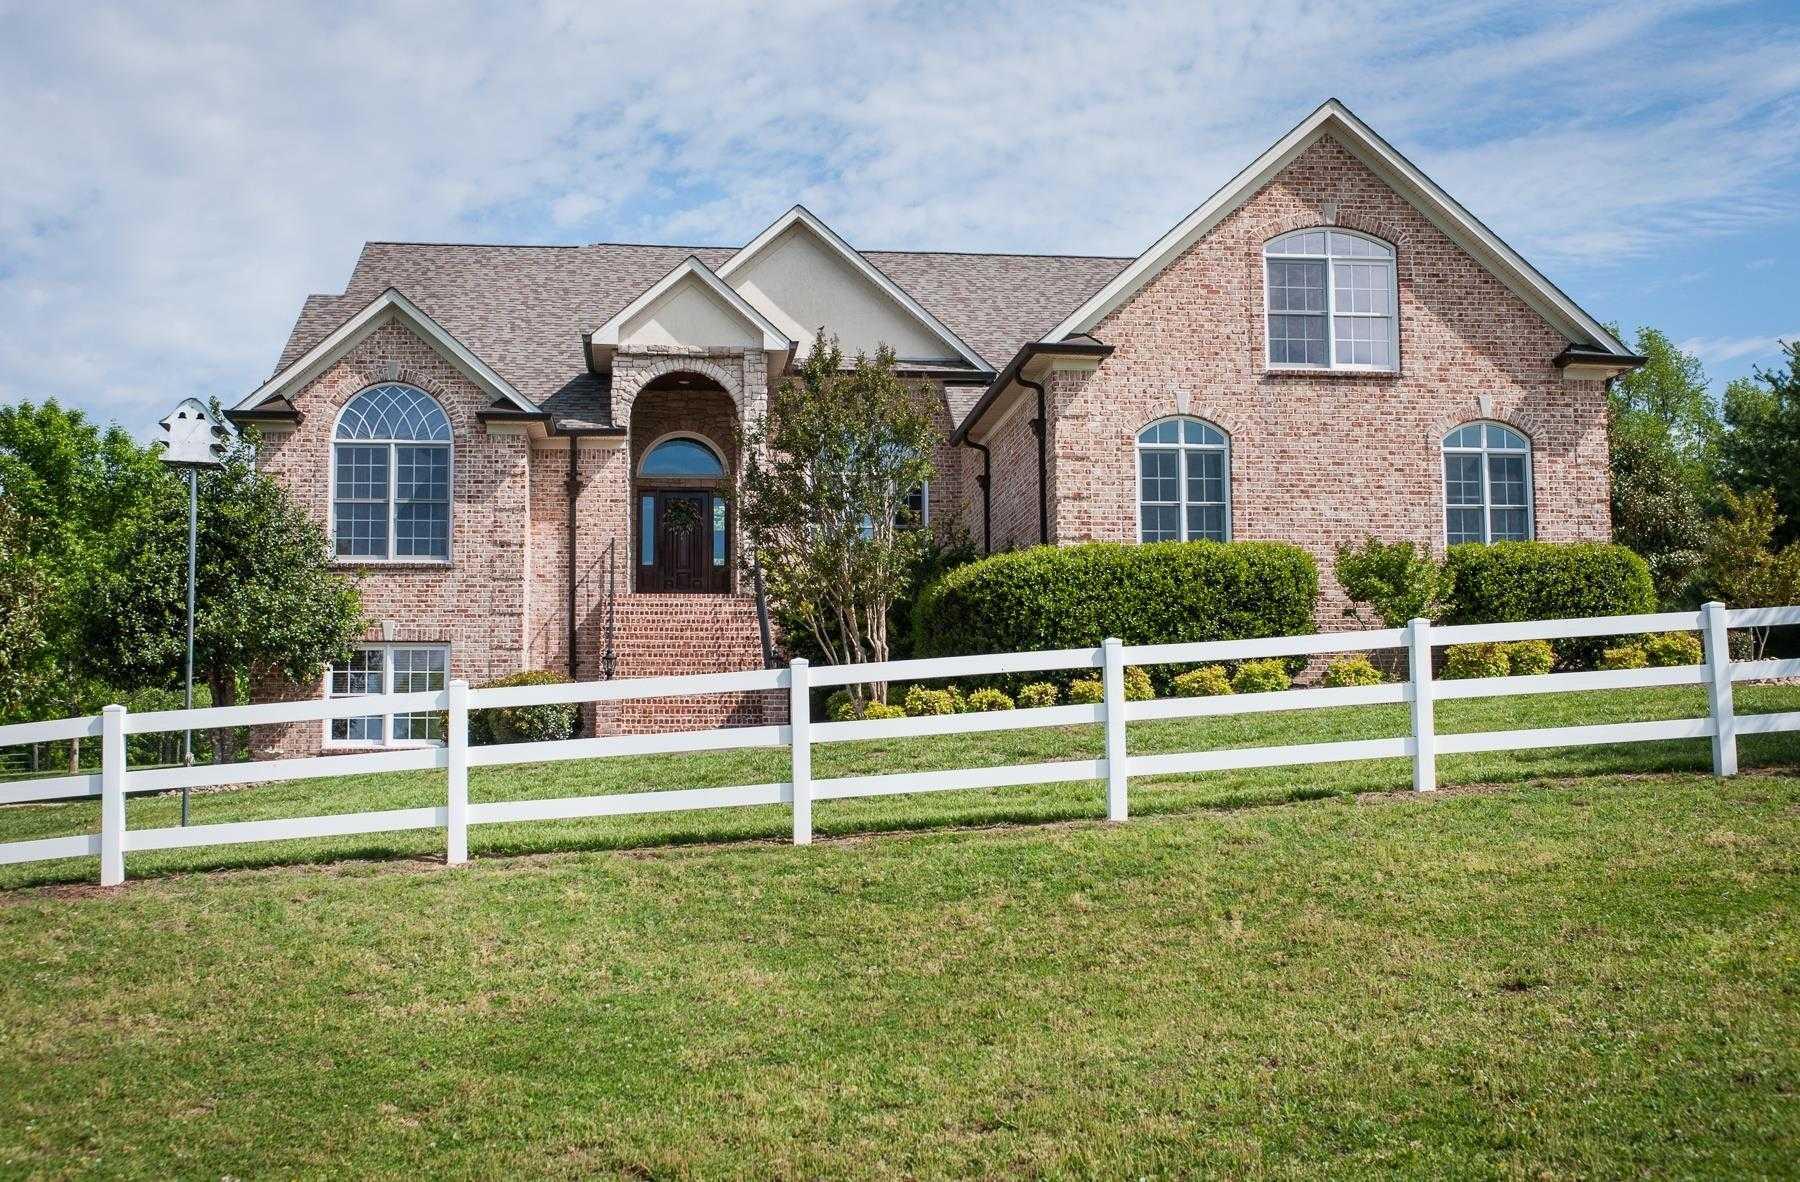 $829,000 - 5Br/5Ba -  for Sale in Roy Rader Estate, Mount Juliet